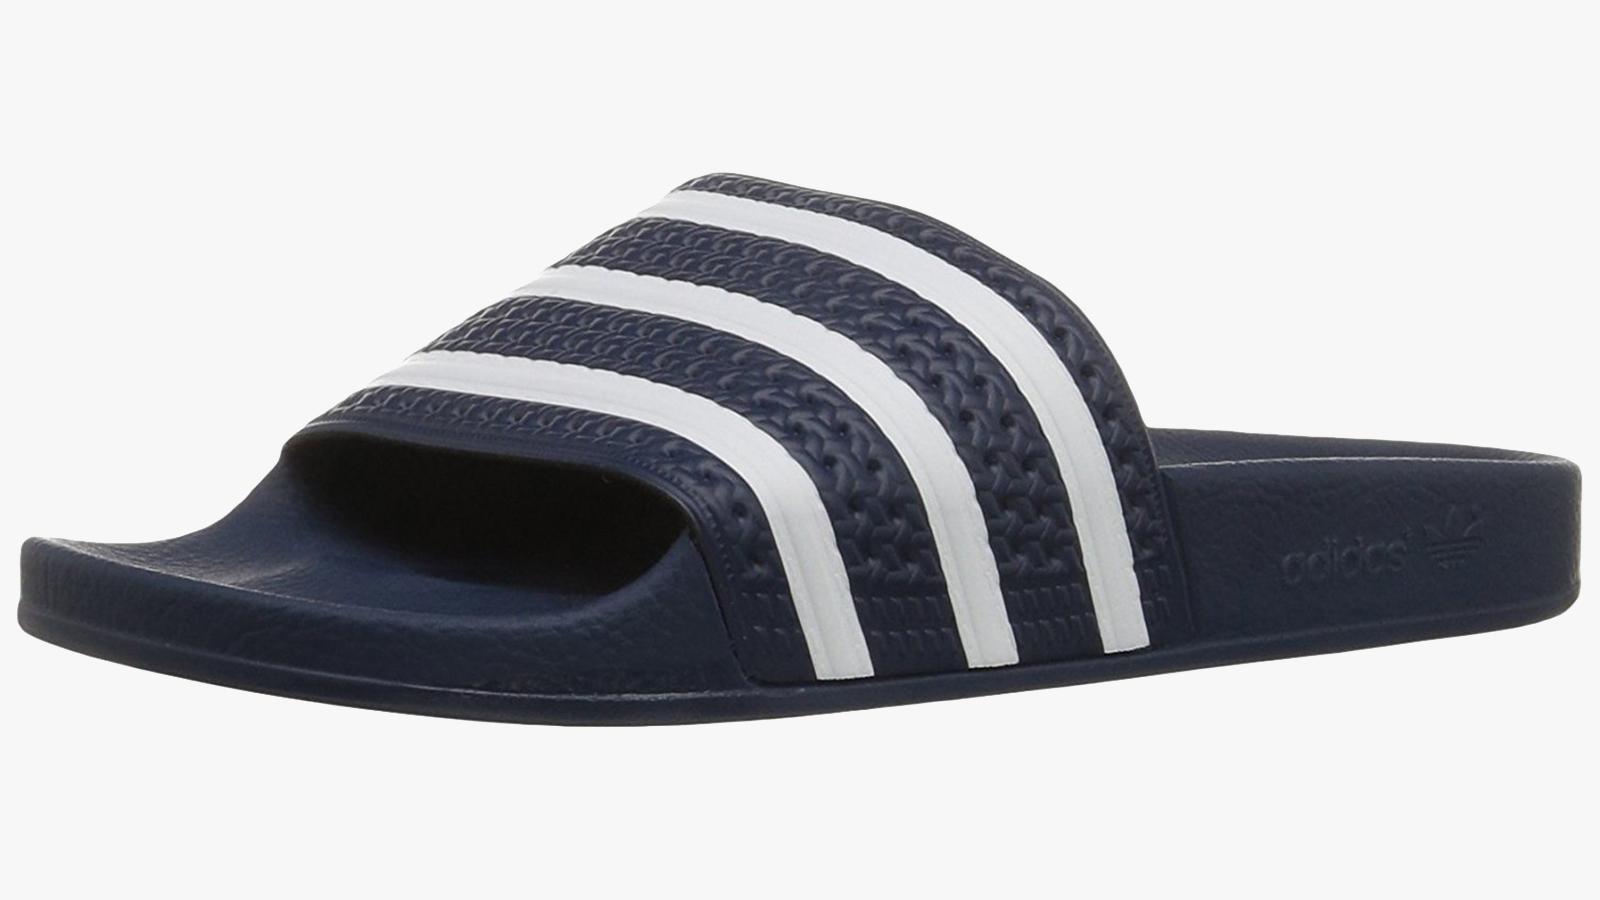 Adidas Adilette Best Men's Slides